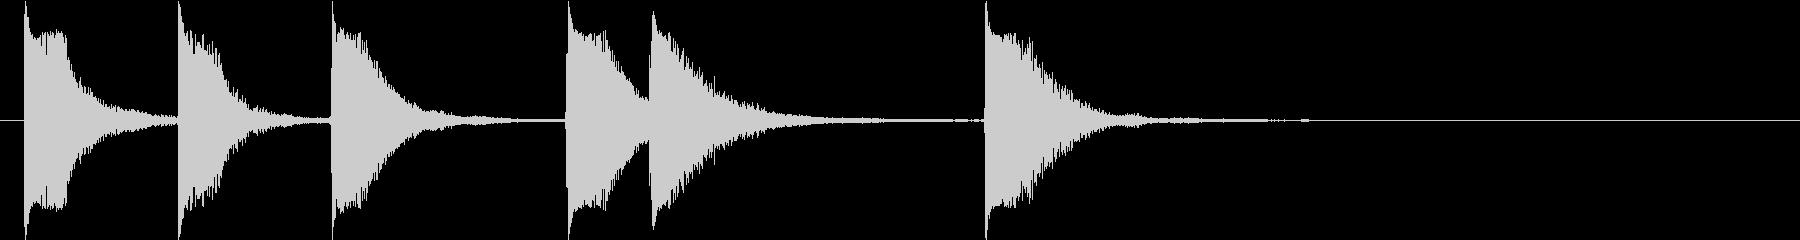 ピアノジングル 幼児向けアニメ系A-02の未再生の波形